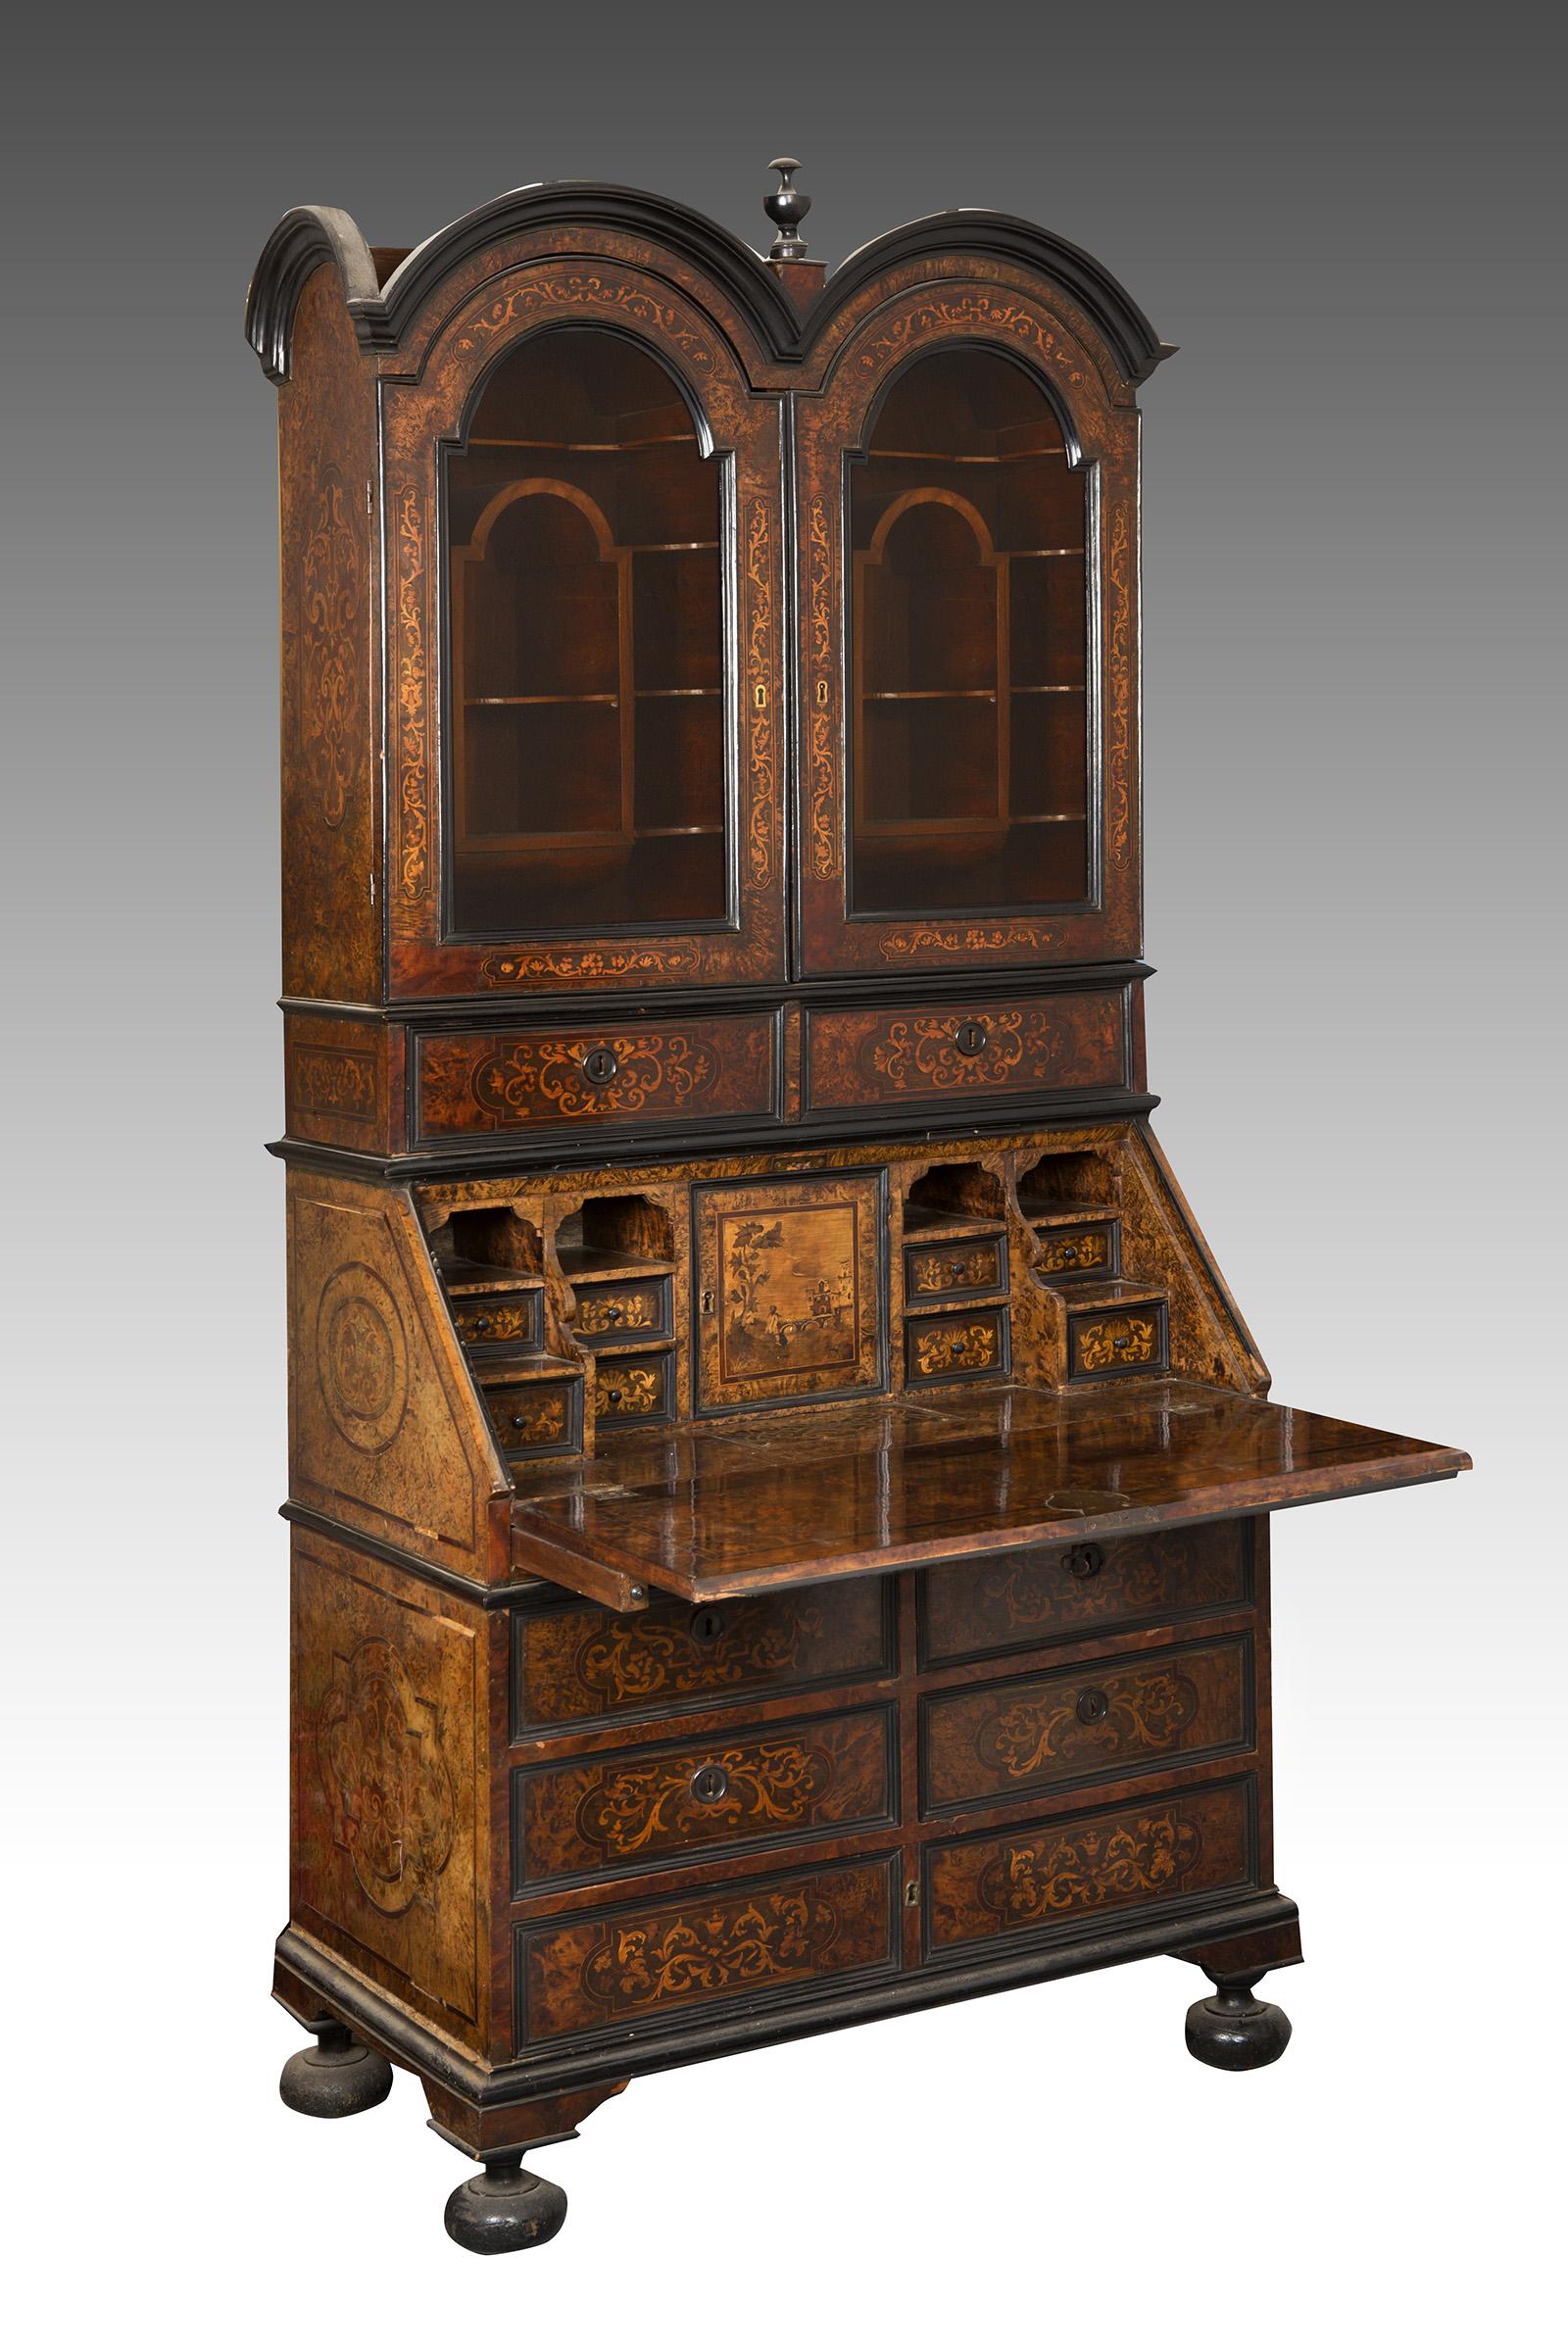 Buró escritorio con vitrina barroca.